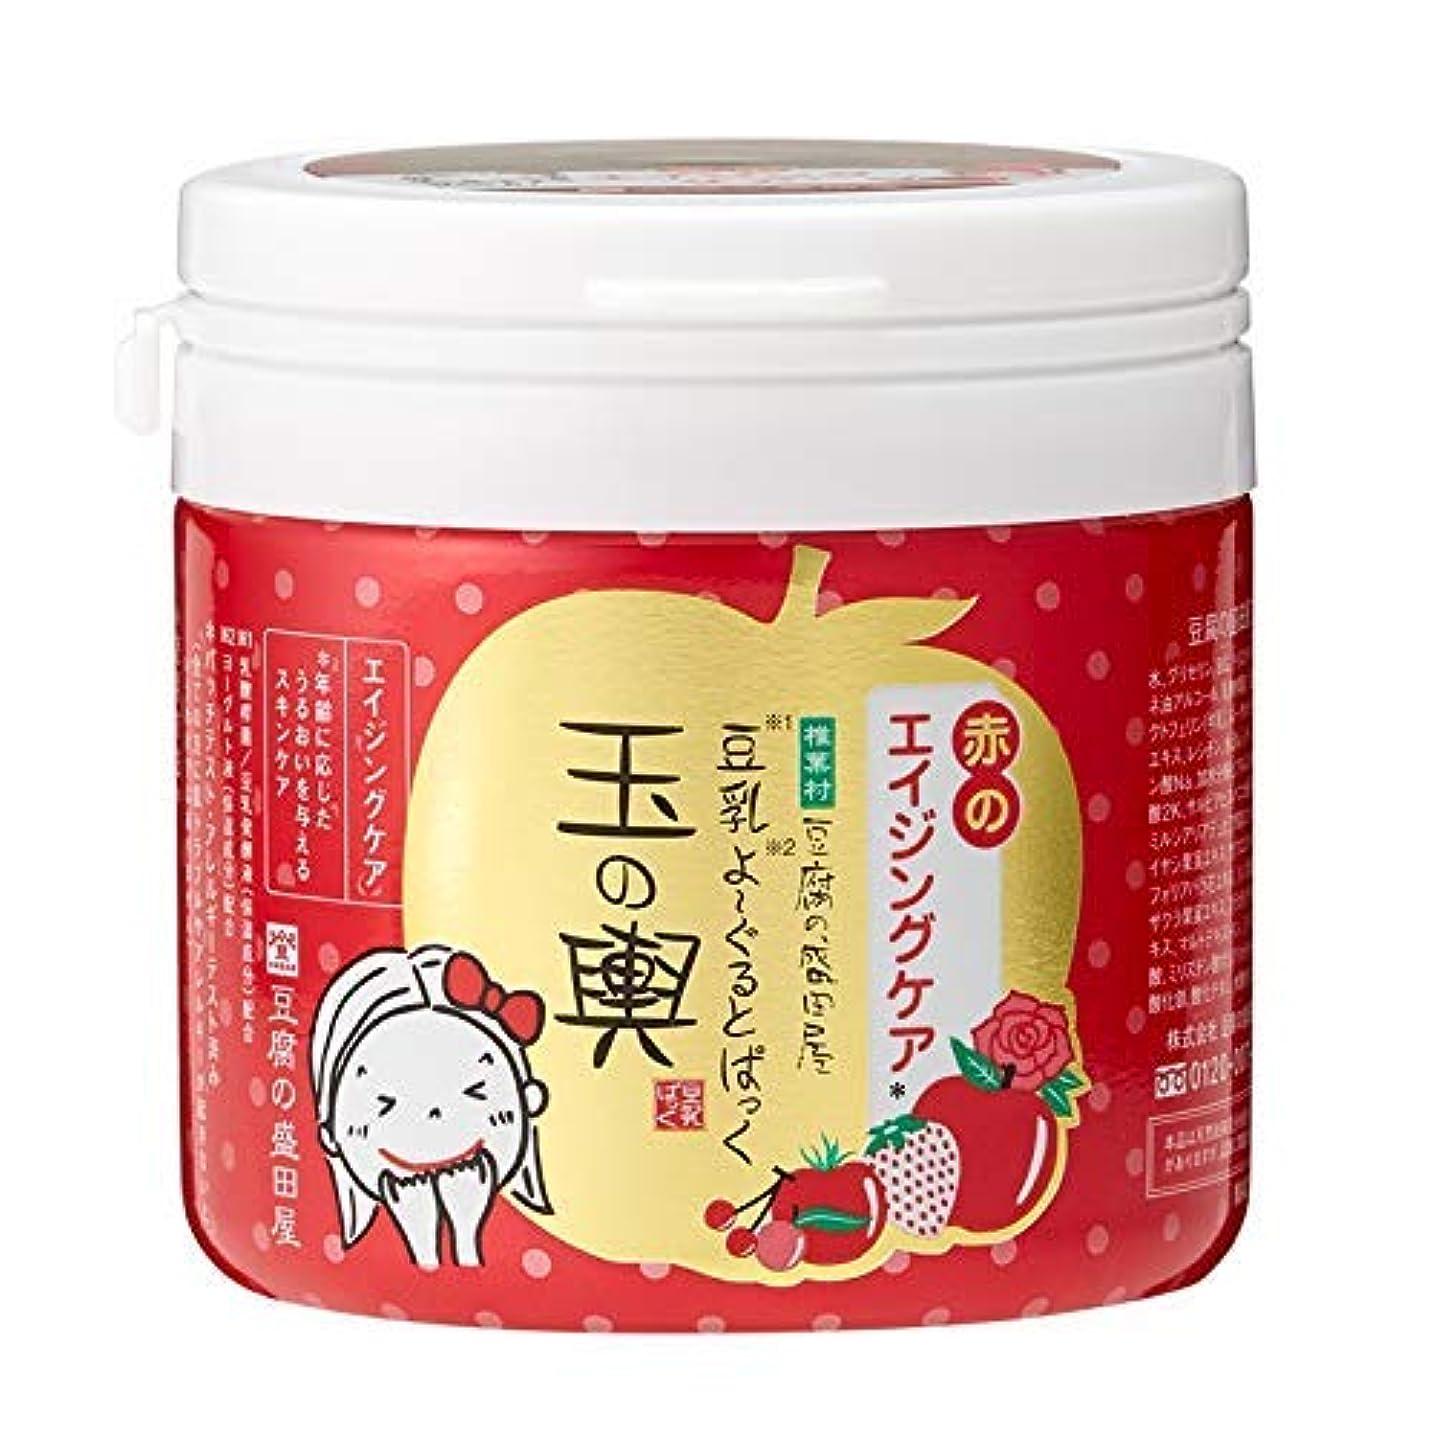 応答めるヘルシー豆腐の盛田屋 豆乳よーぐるとぱっく 玉の輿 赤のエイジングケア 150g